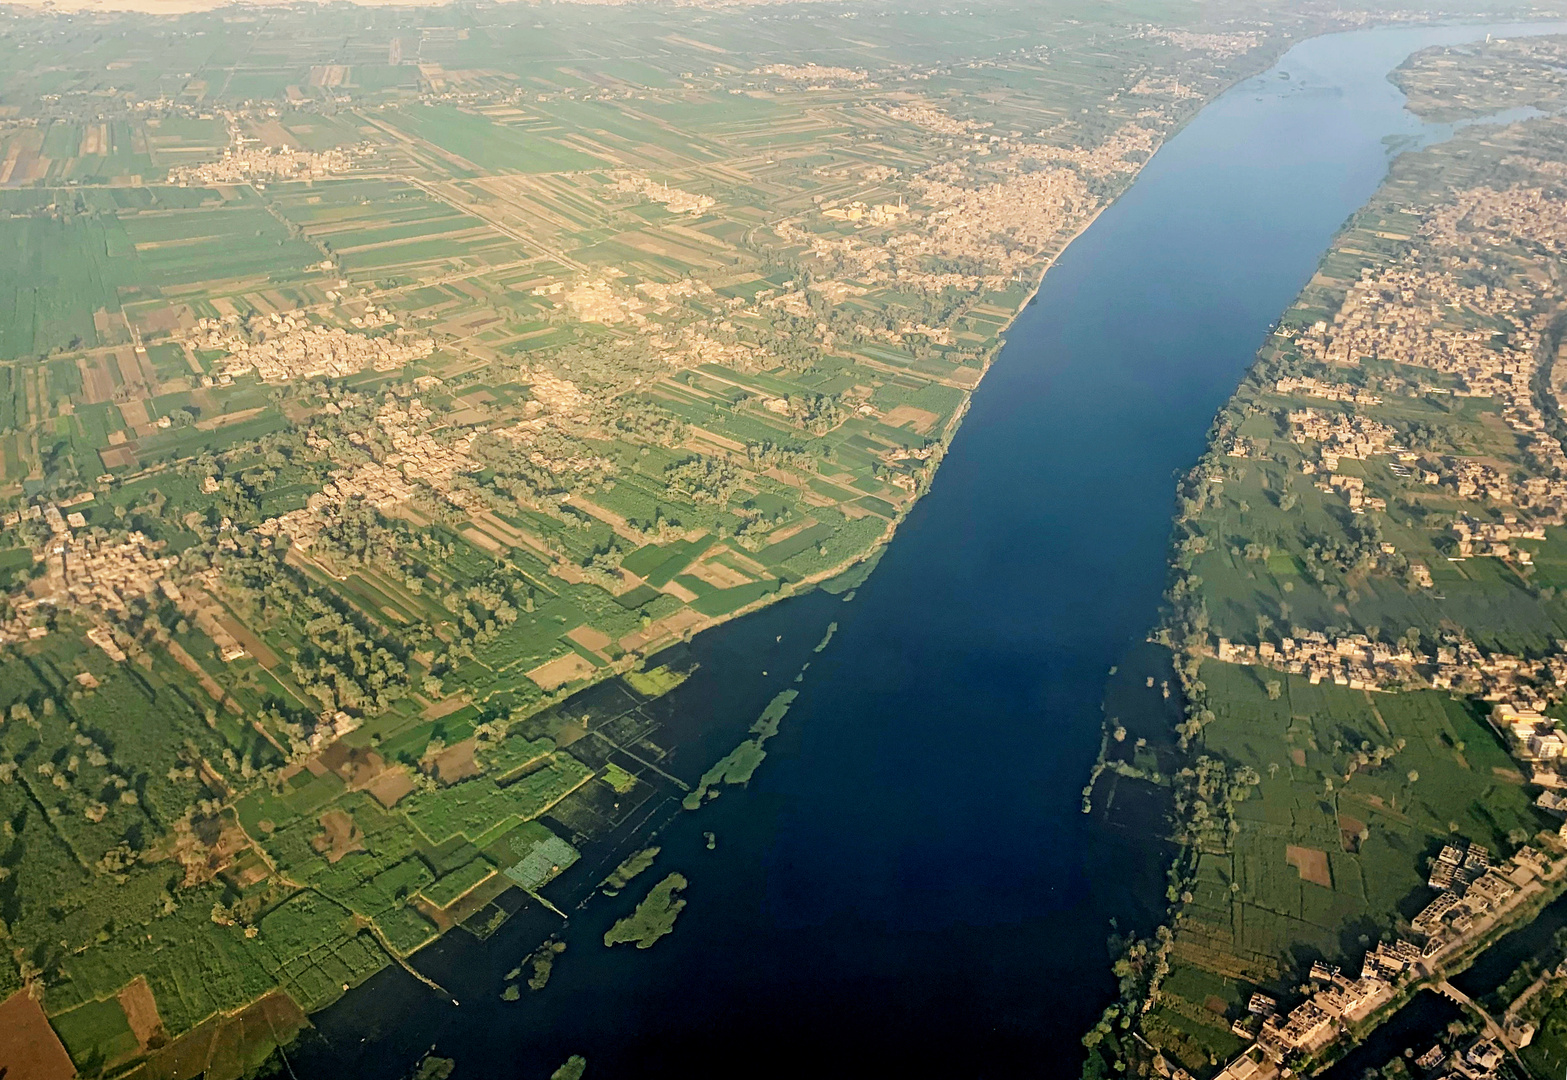 إثيوبيا تعلن اكتمال بناء سد النهضة بنسبة 70%